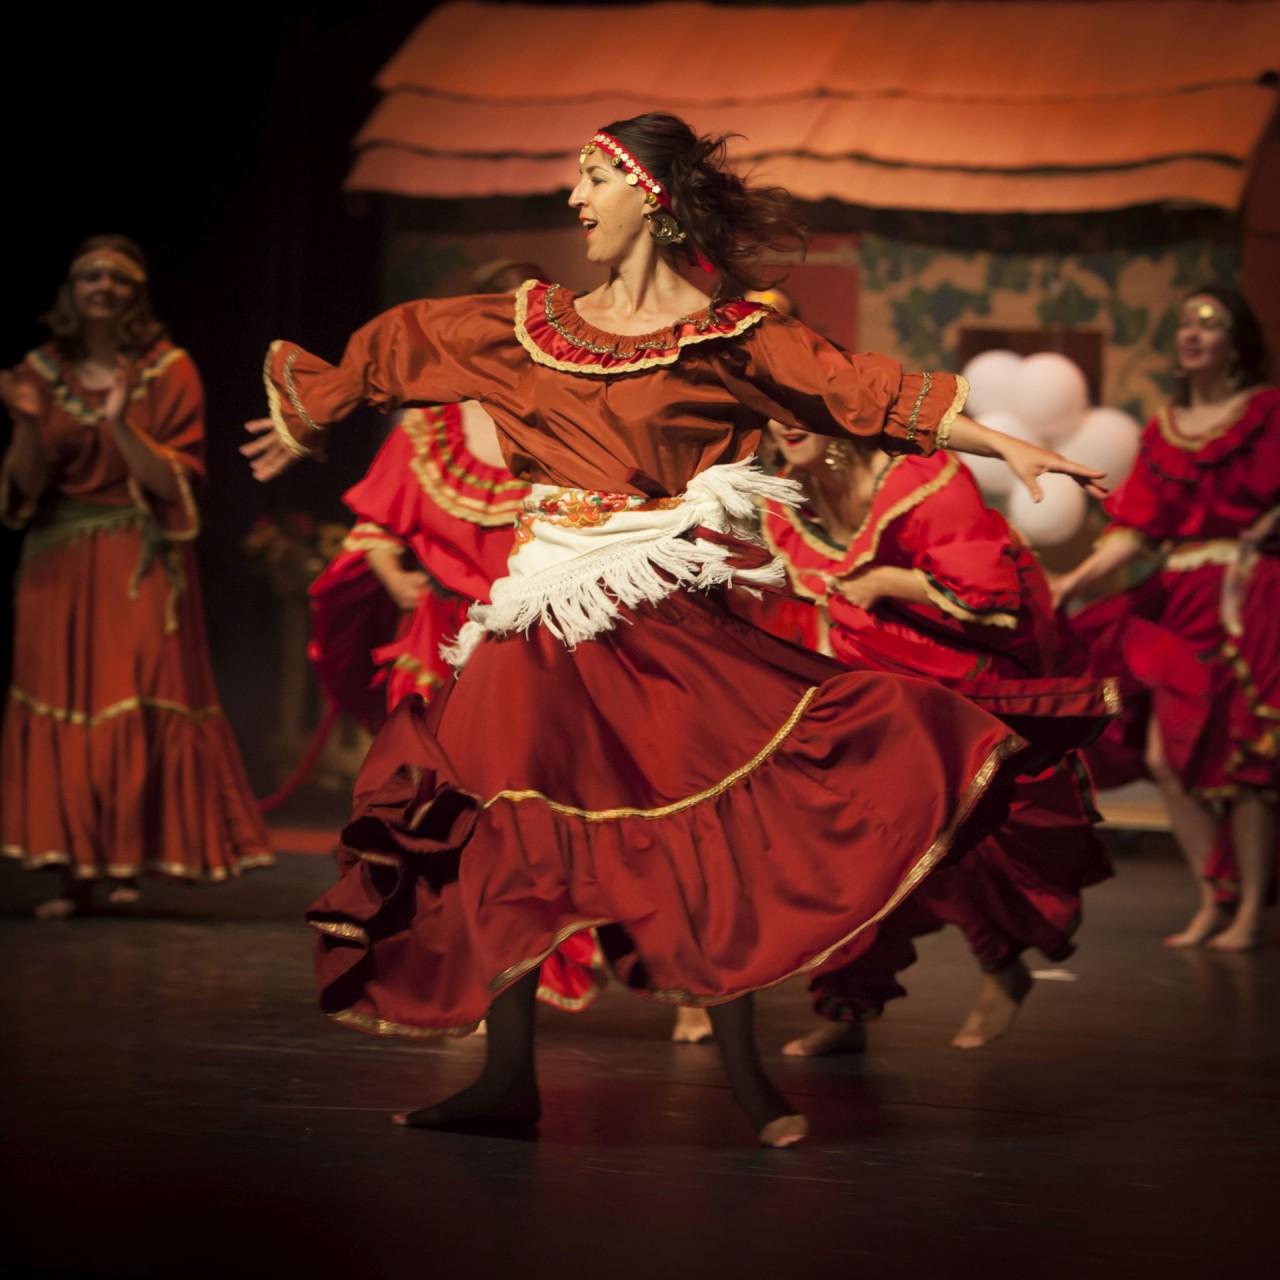 dansen ballet van den Ende (16 van 17)